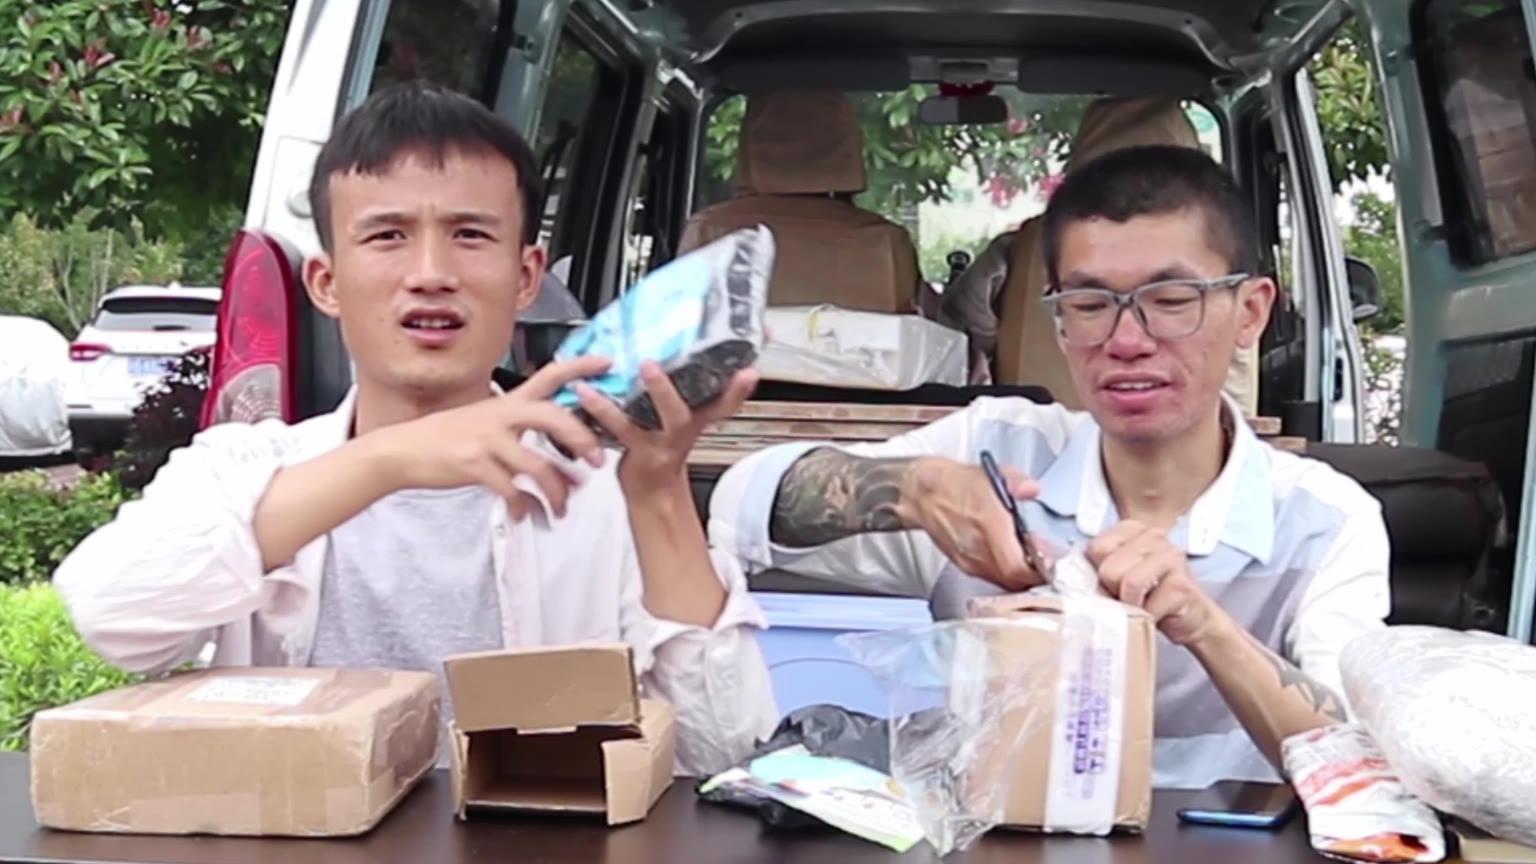 面包车自驾西藏,车上要带些什么?包裹拆到手软